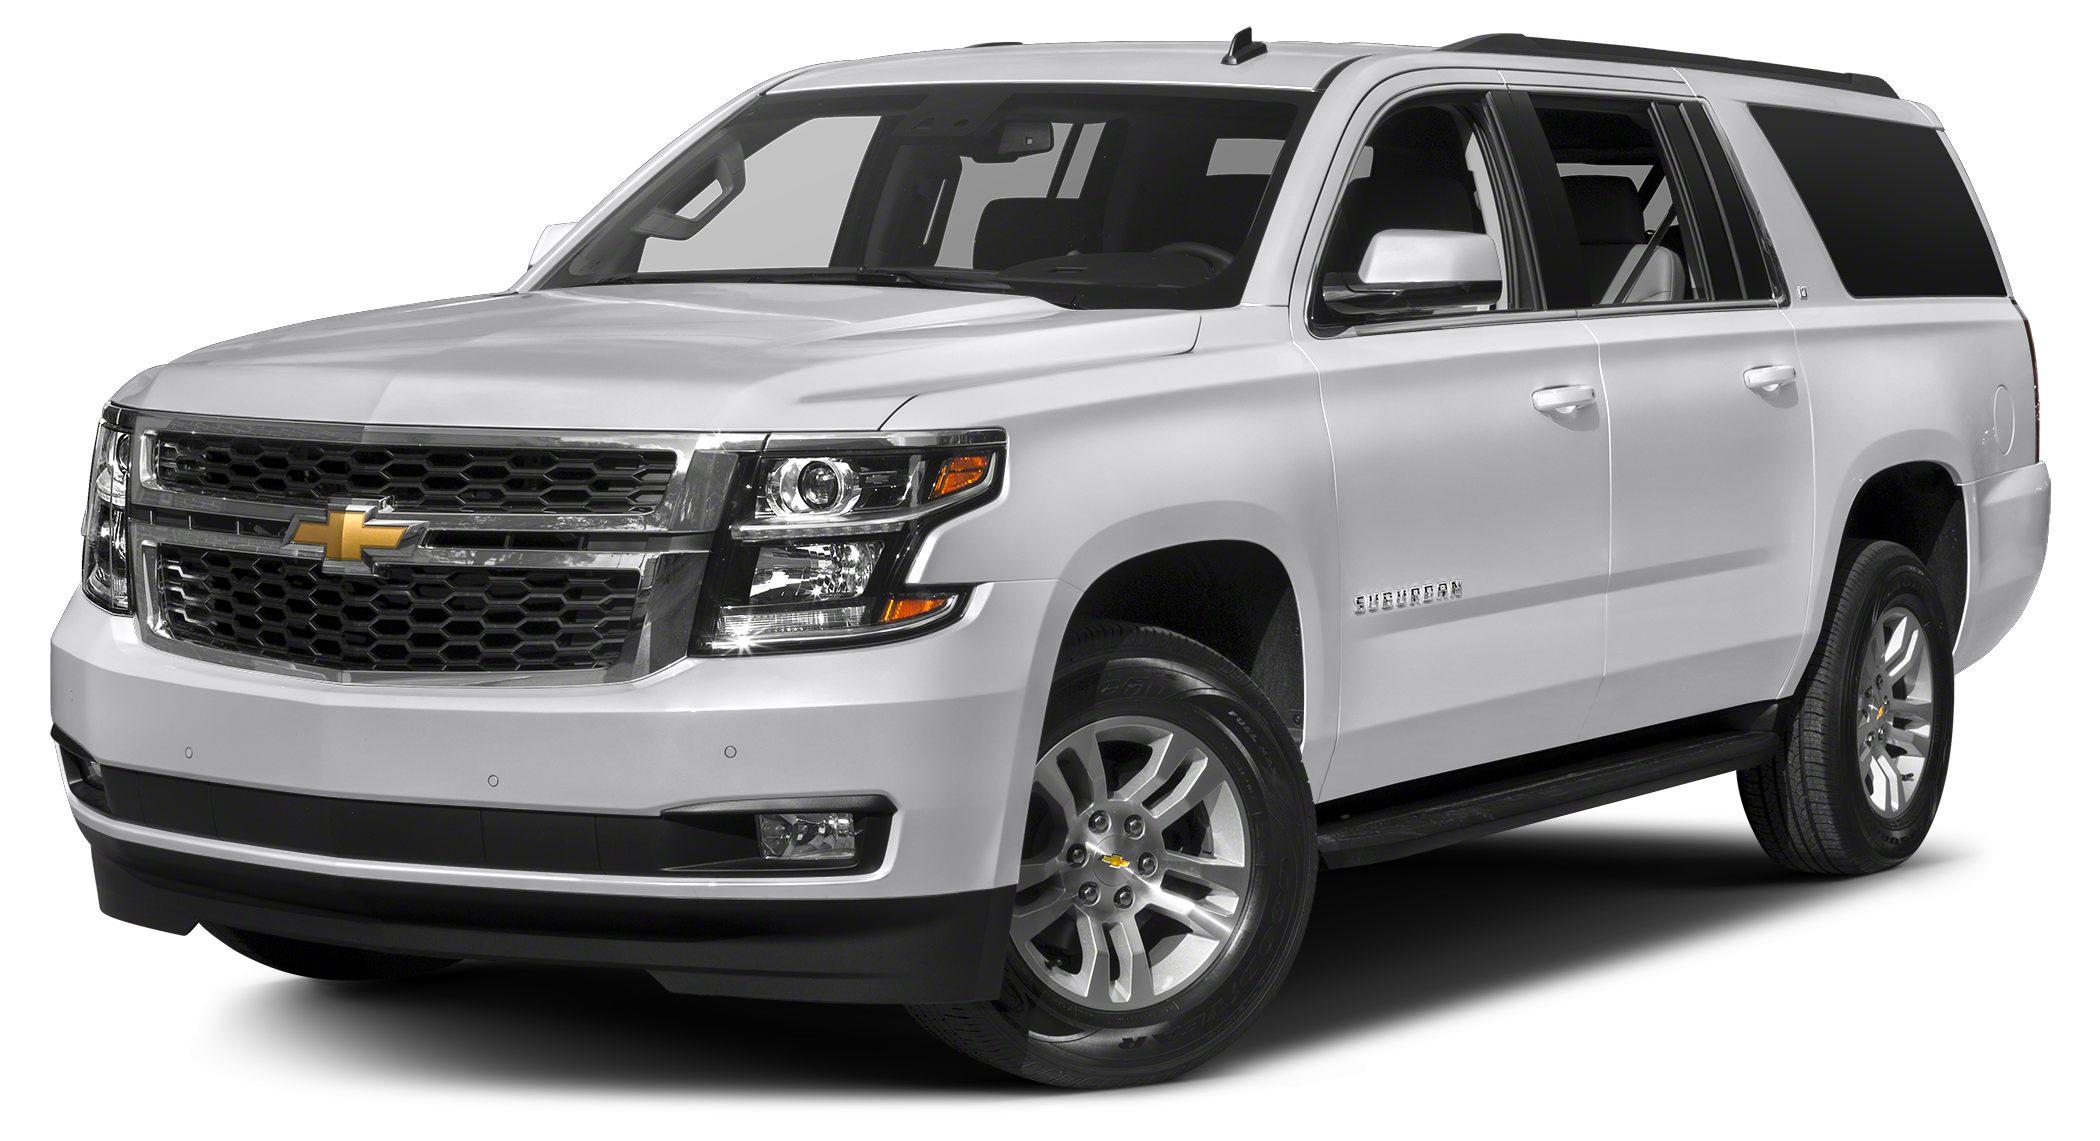 2018 Chevrolet Suburban LT Miles 3Color Summit White Stock H3007 VIN 1GNSKHKC3JR129864